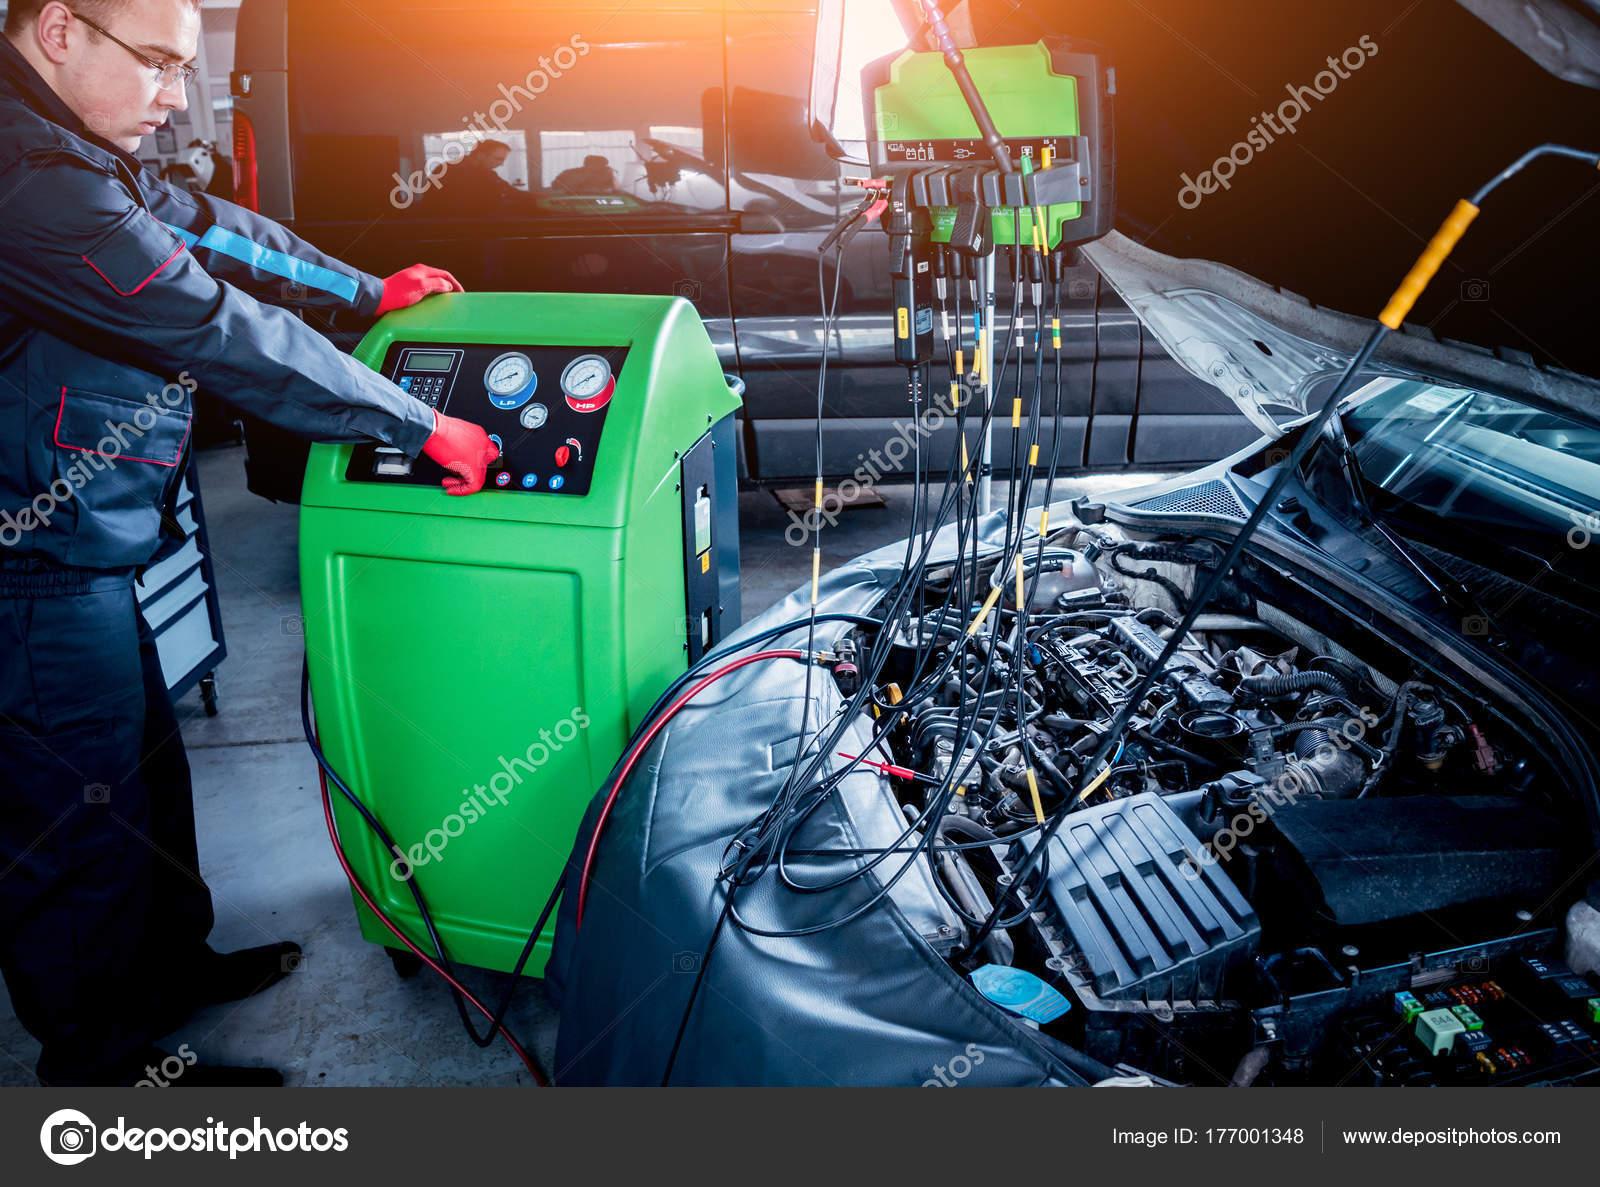 Кондиционеры в автомобиль обслуживание установка кондиционера цена дзержинск